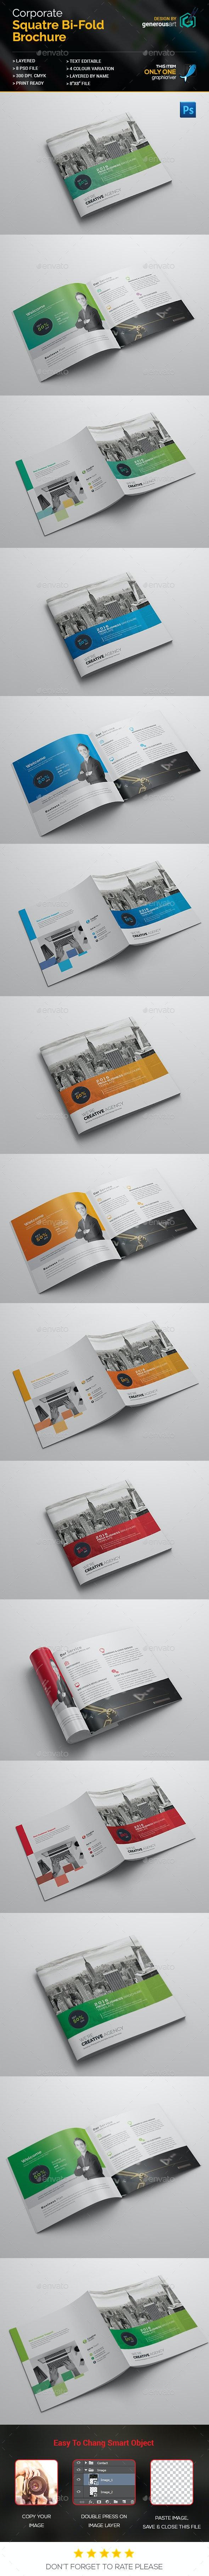 Corporate Square Bi-Fold Brochure - Corporate Brochures